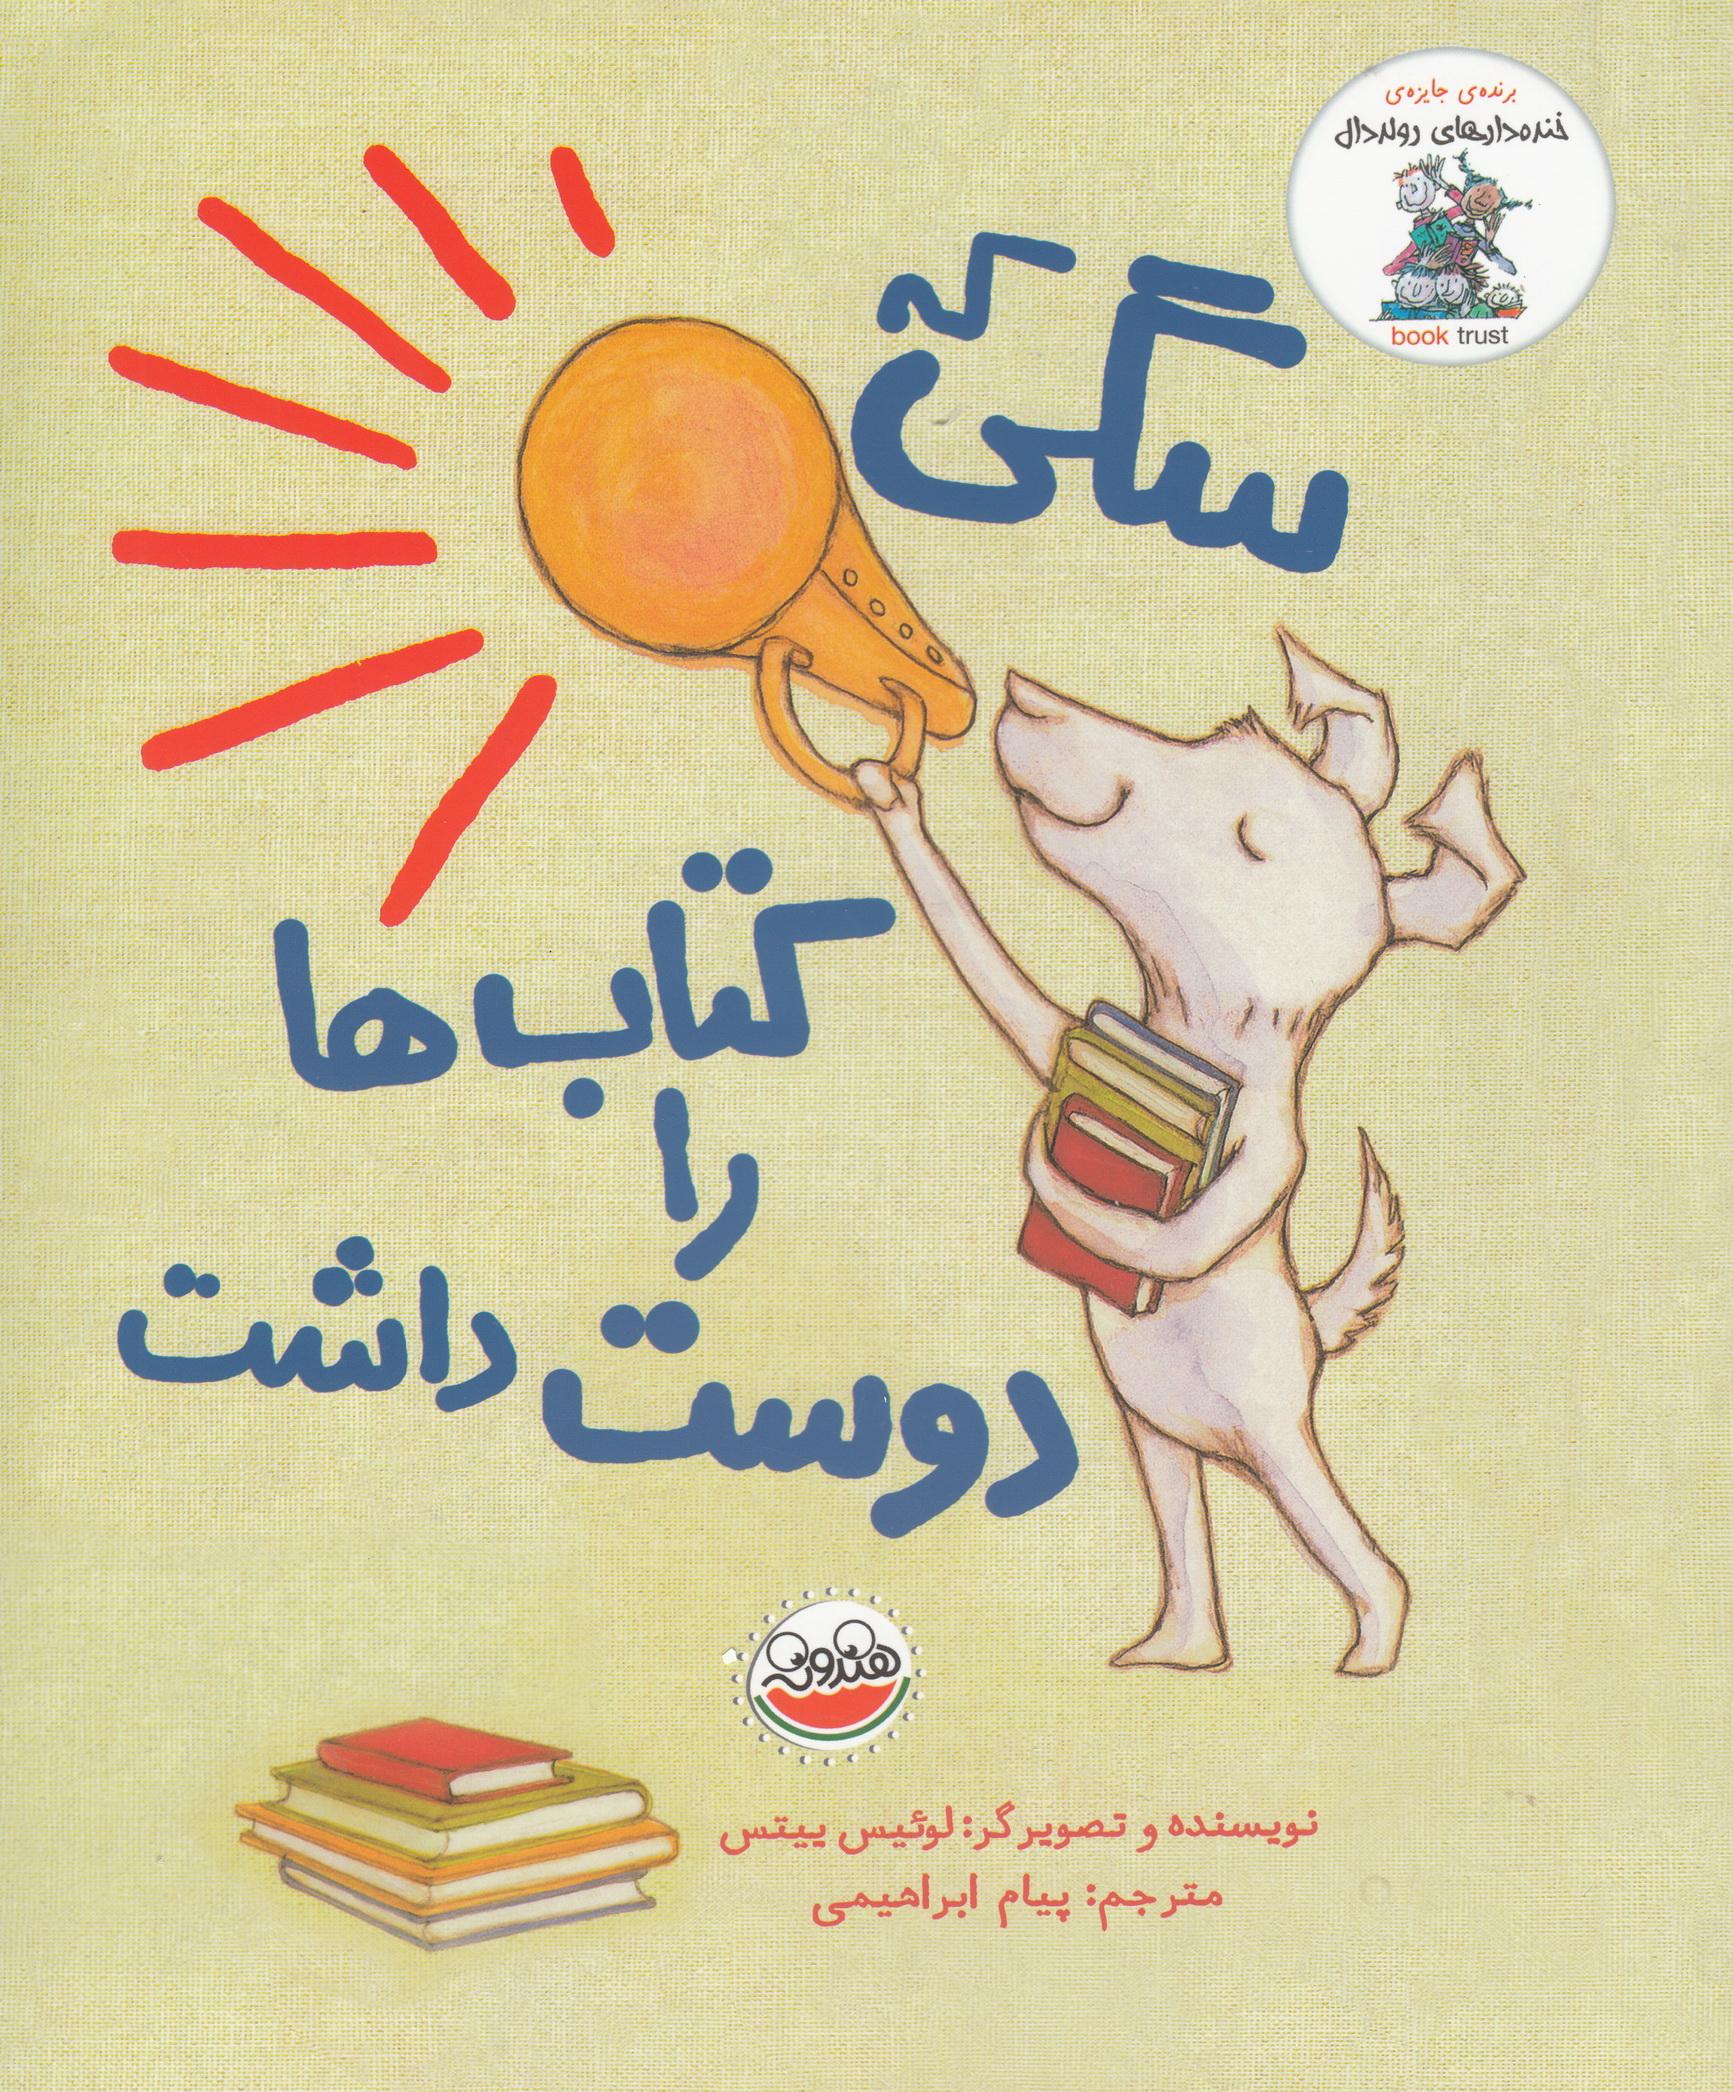 پیشنهاد مطالعه کتاب کودک 1